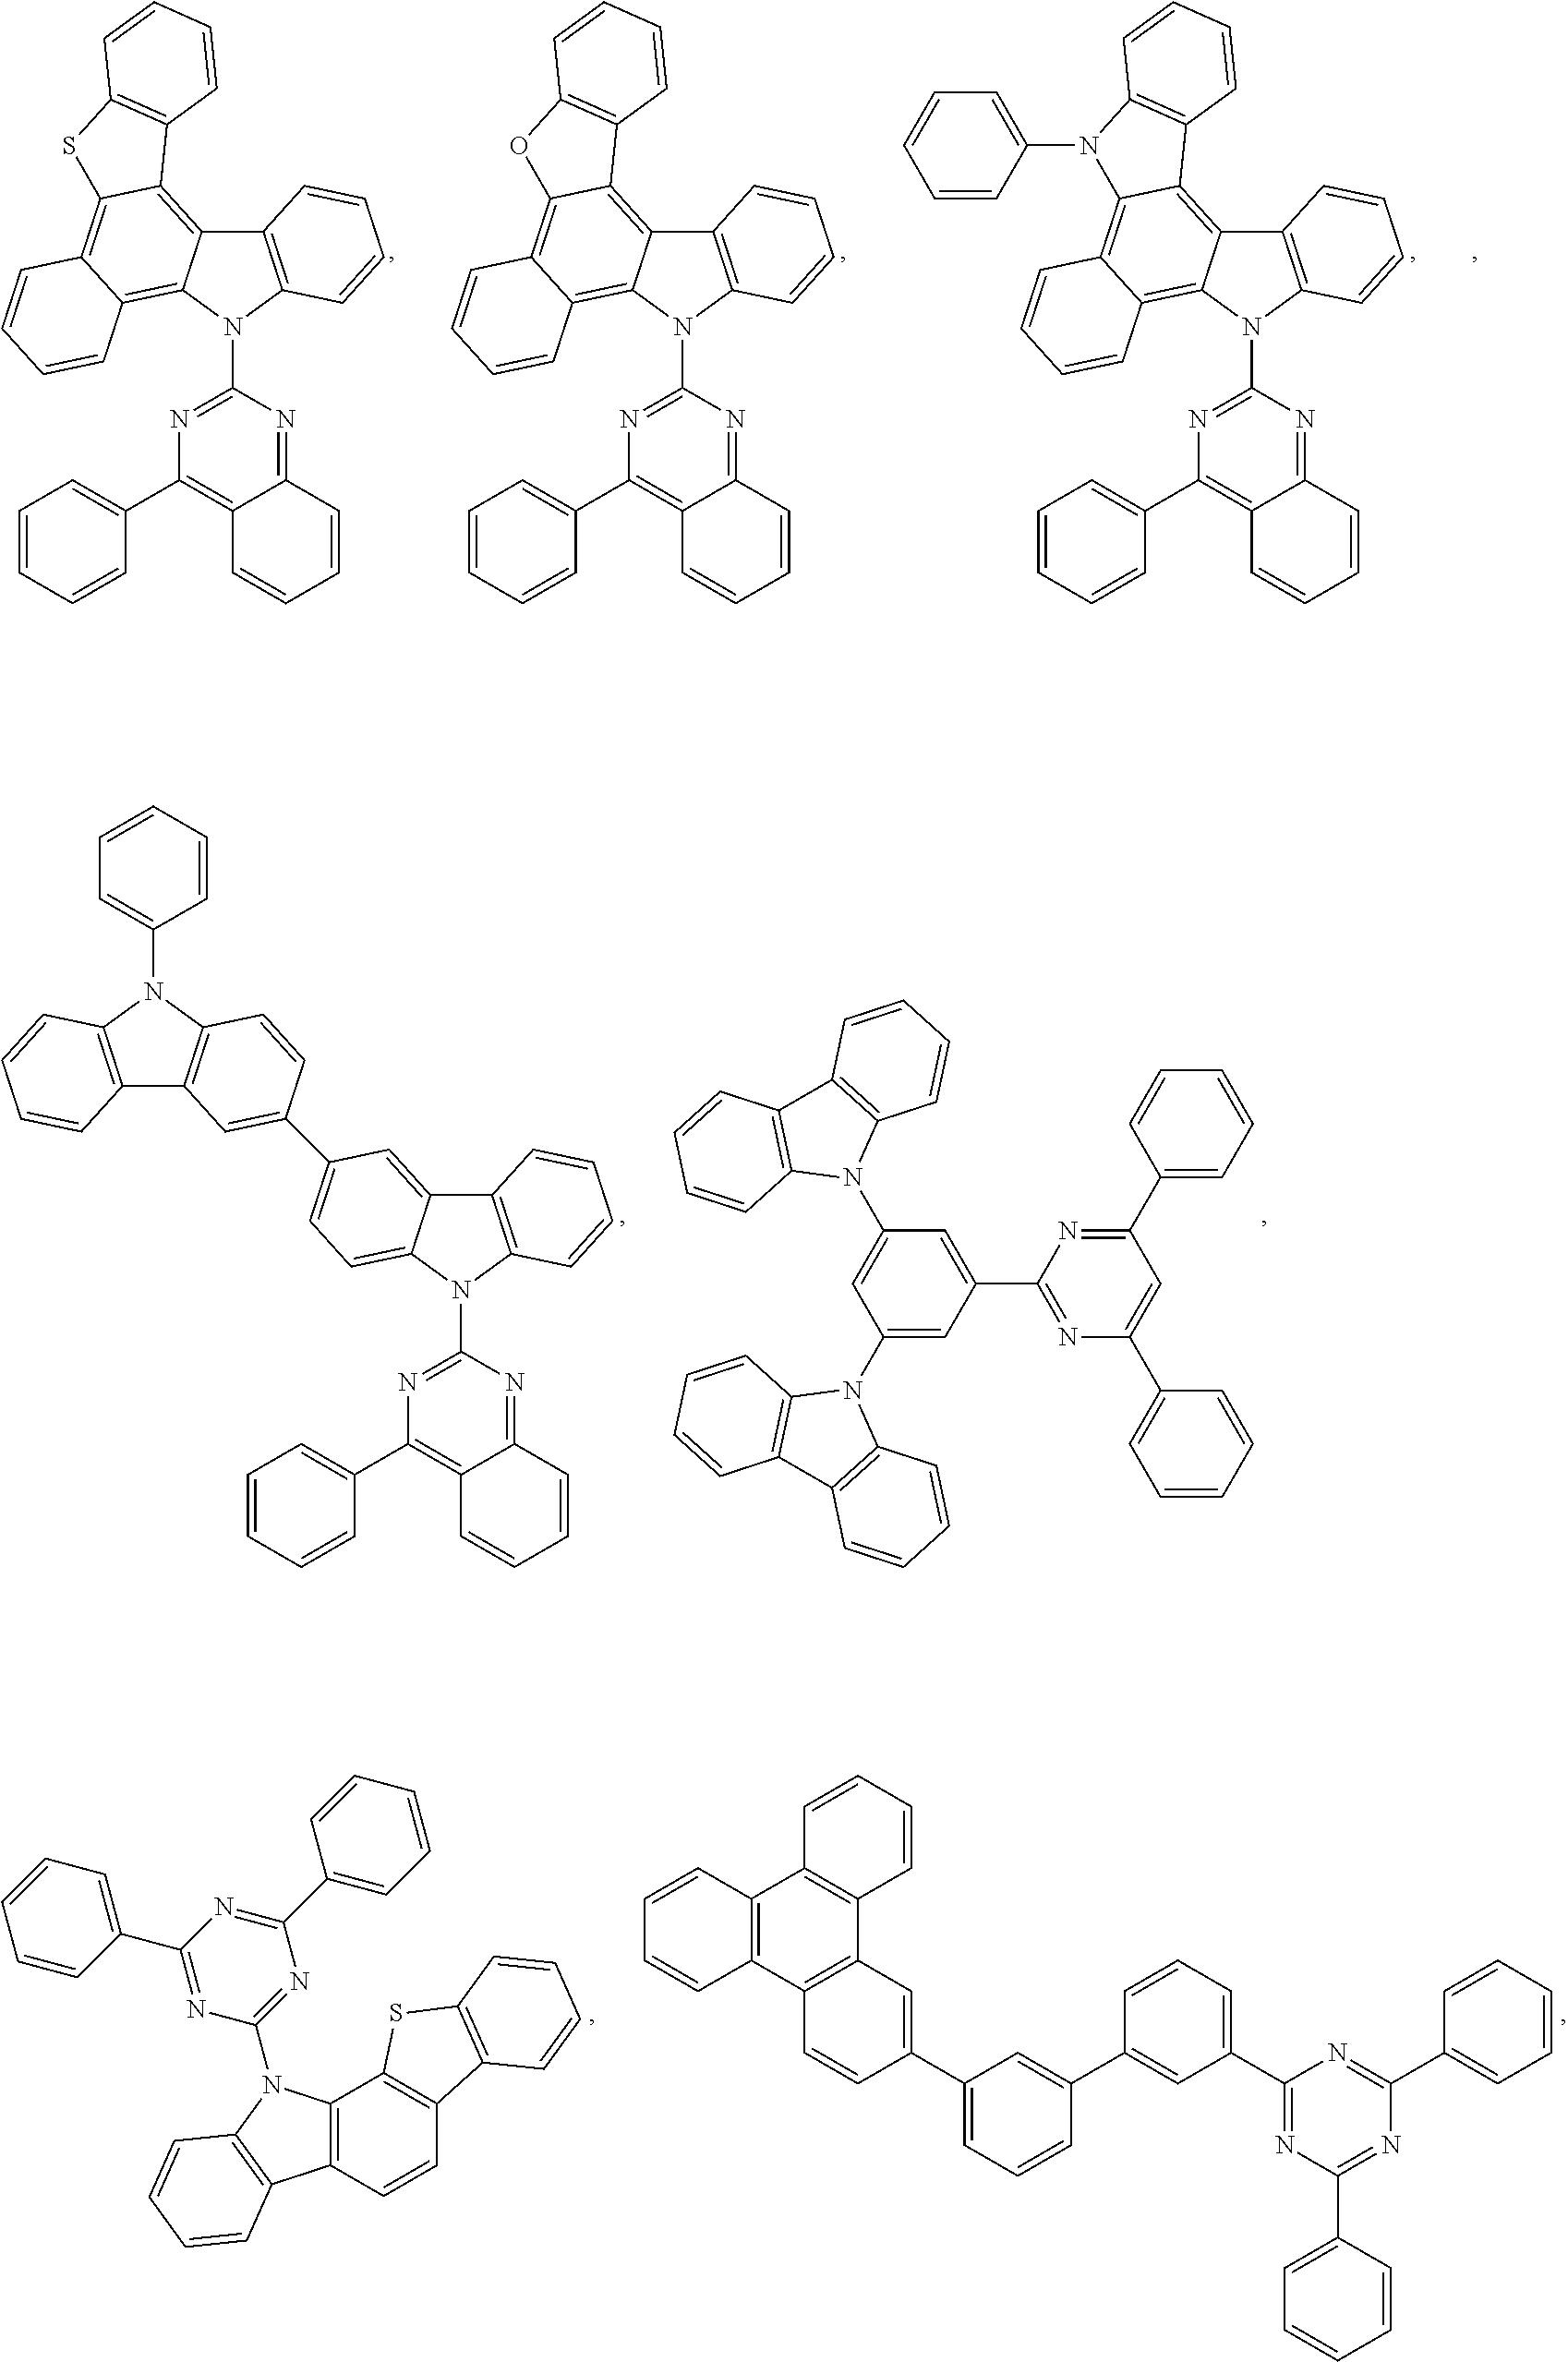 Figure US20180076393A1-20180315-C00093